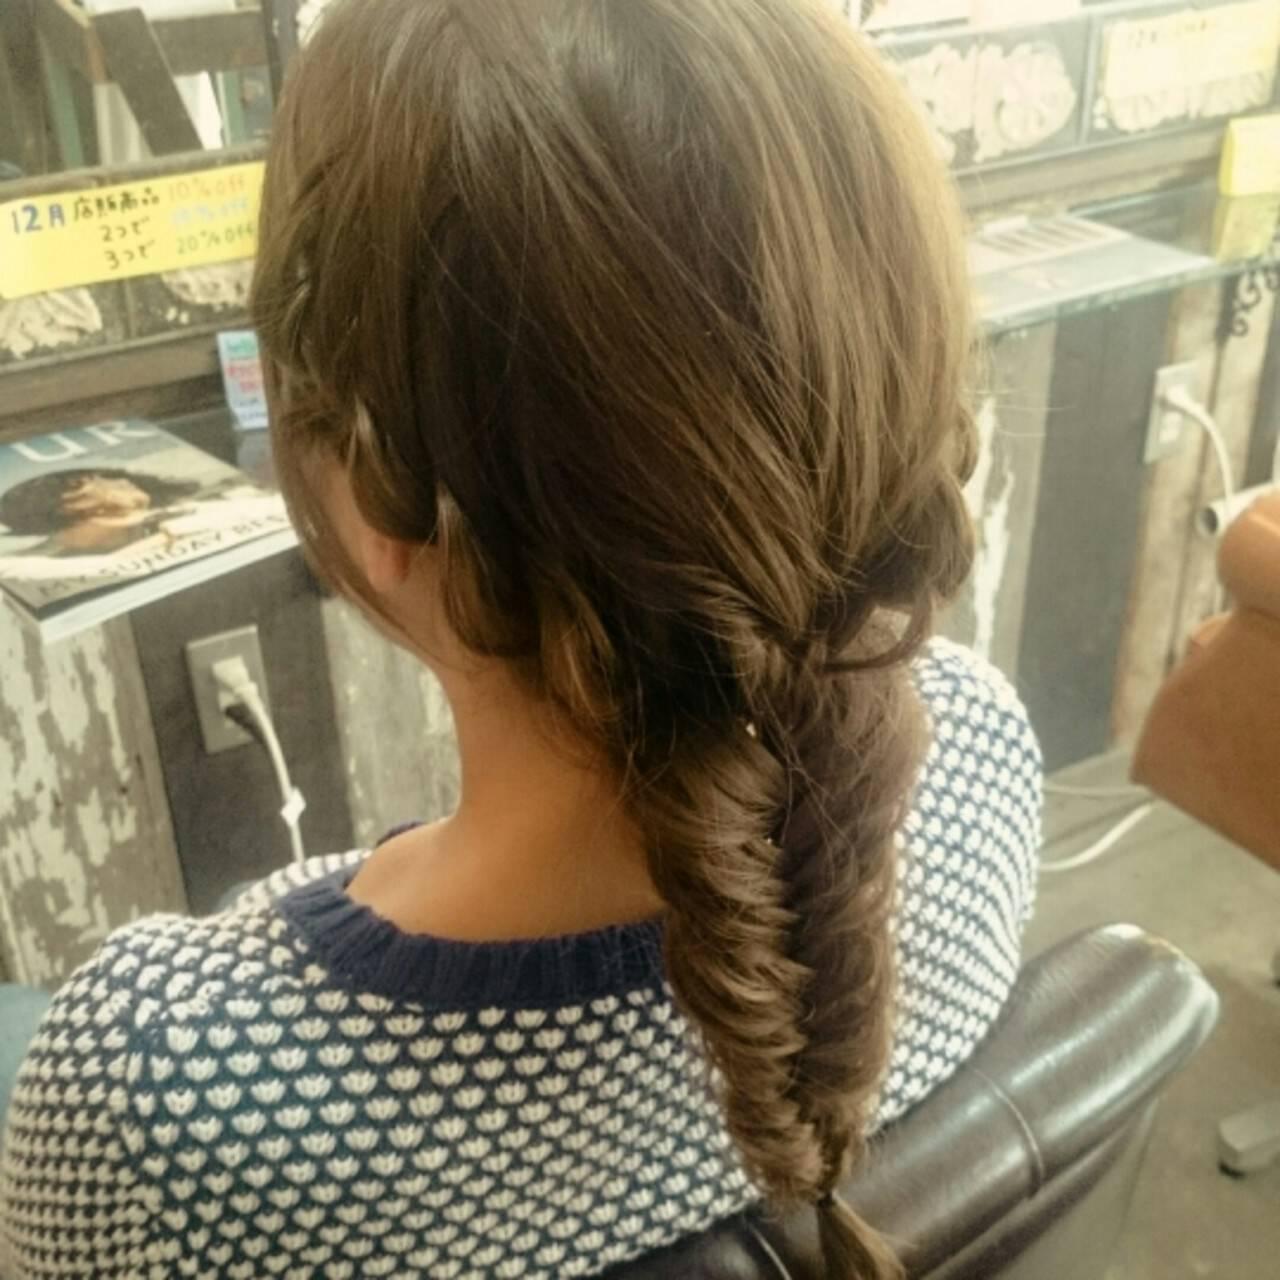 ロング 編み込み フィッシュボーン ヘアアレンジヘアスタイルや髪型の写真・画像